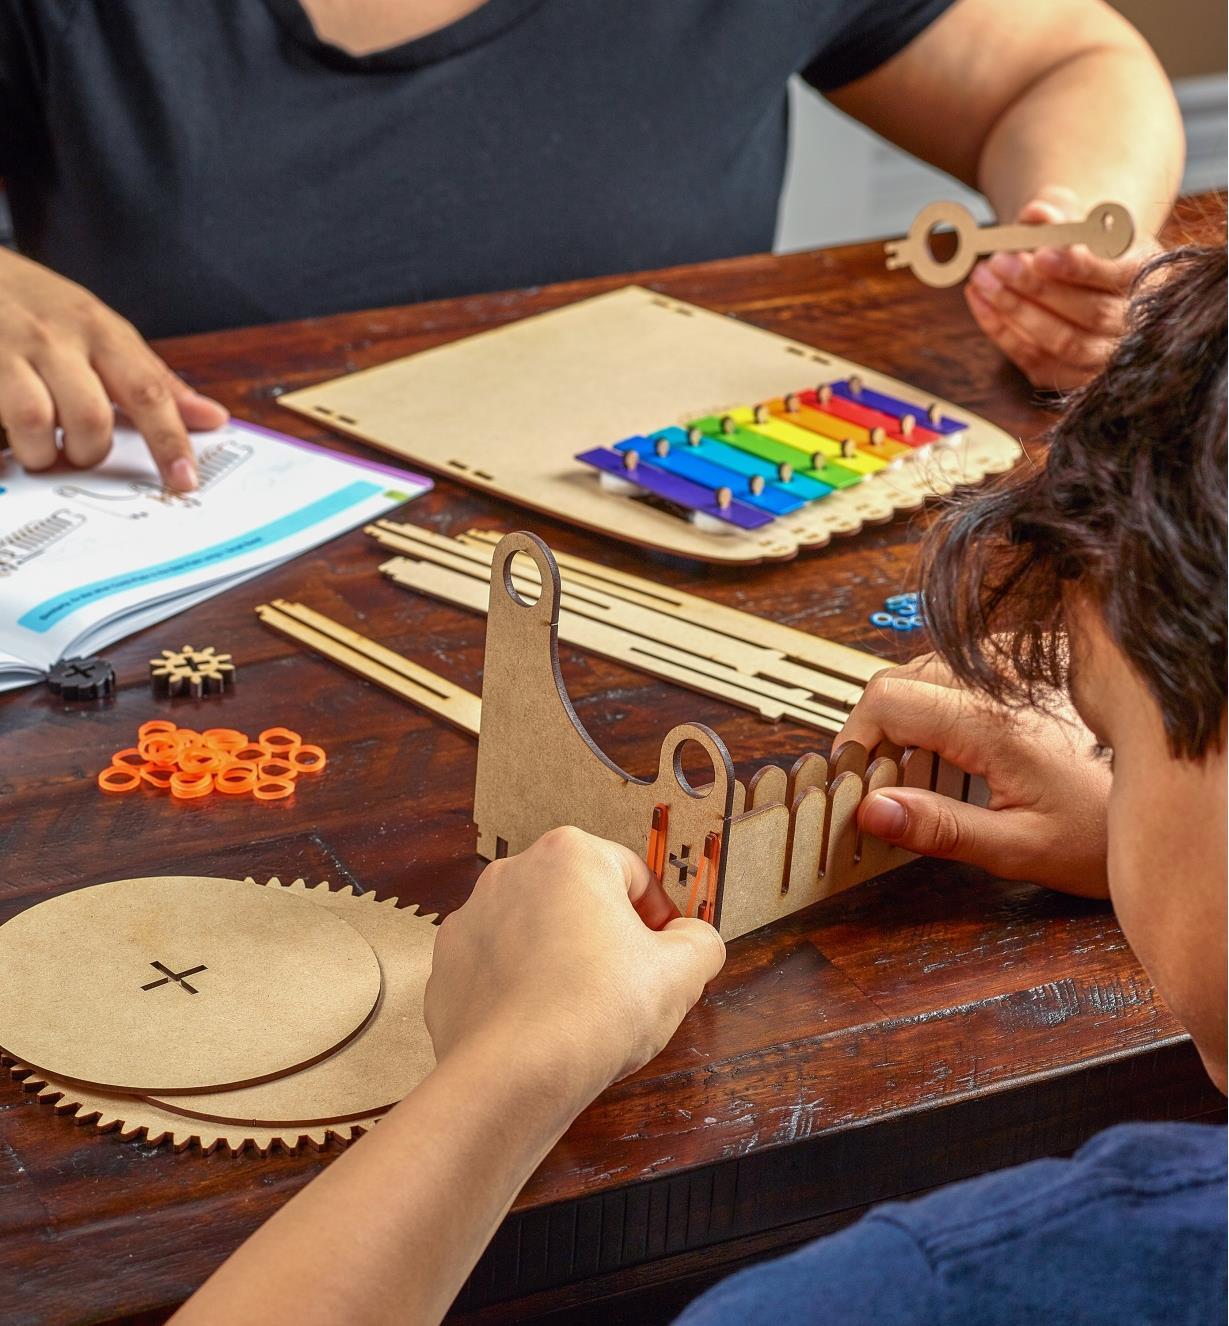 Enfant qui assemble le xylophone mécanique avec un adulte